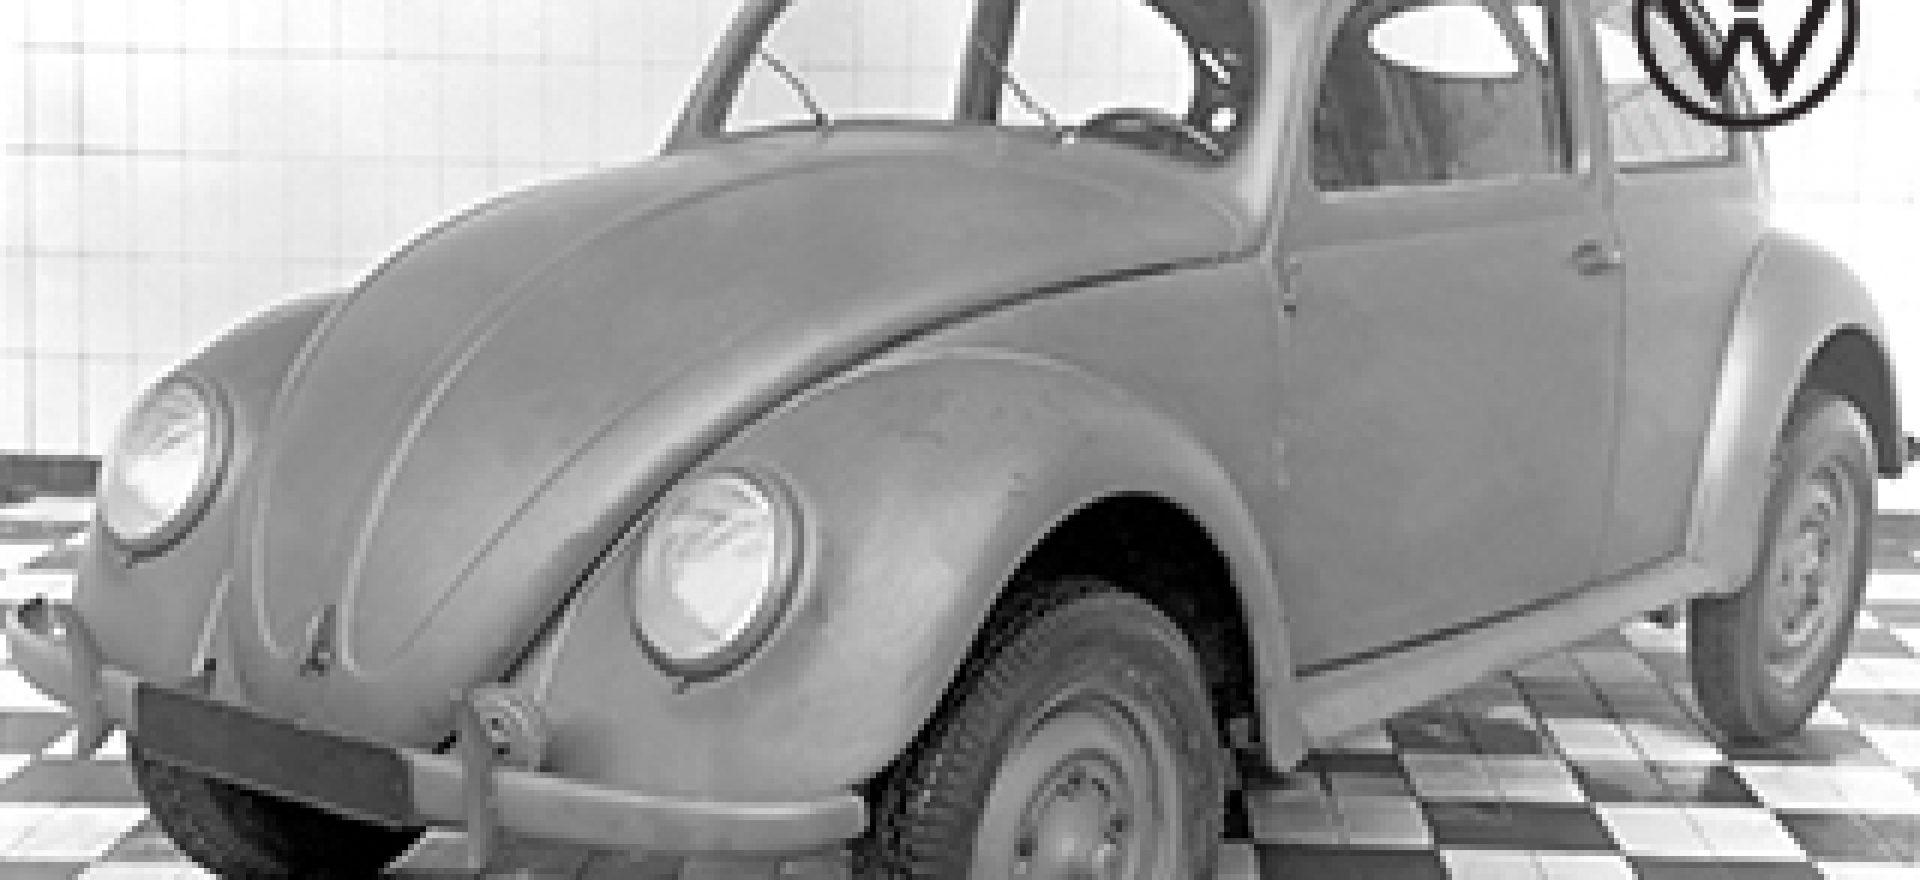 vw-beetle-tron-75-nam-lich-su-bat-dau-tai-wolfsburg-avatar